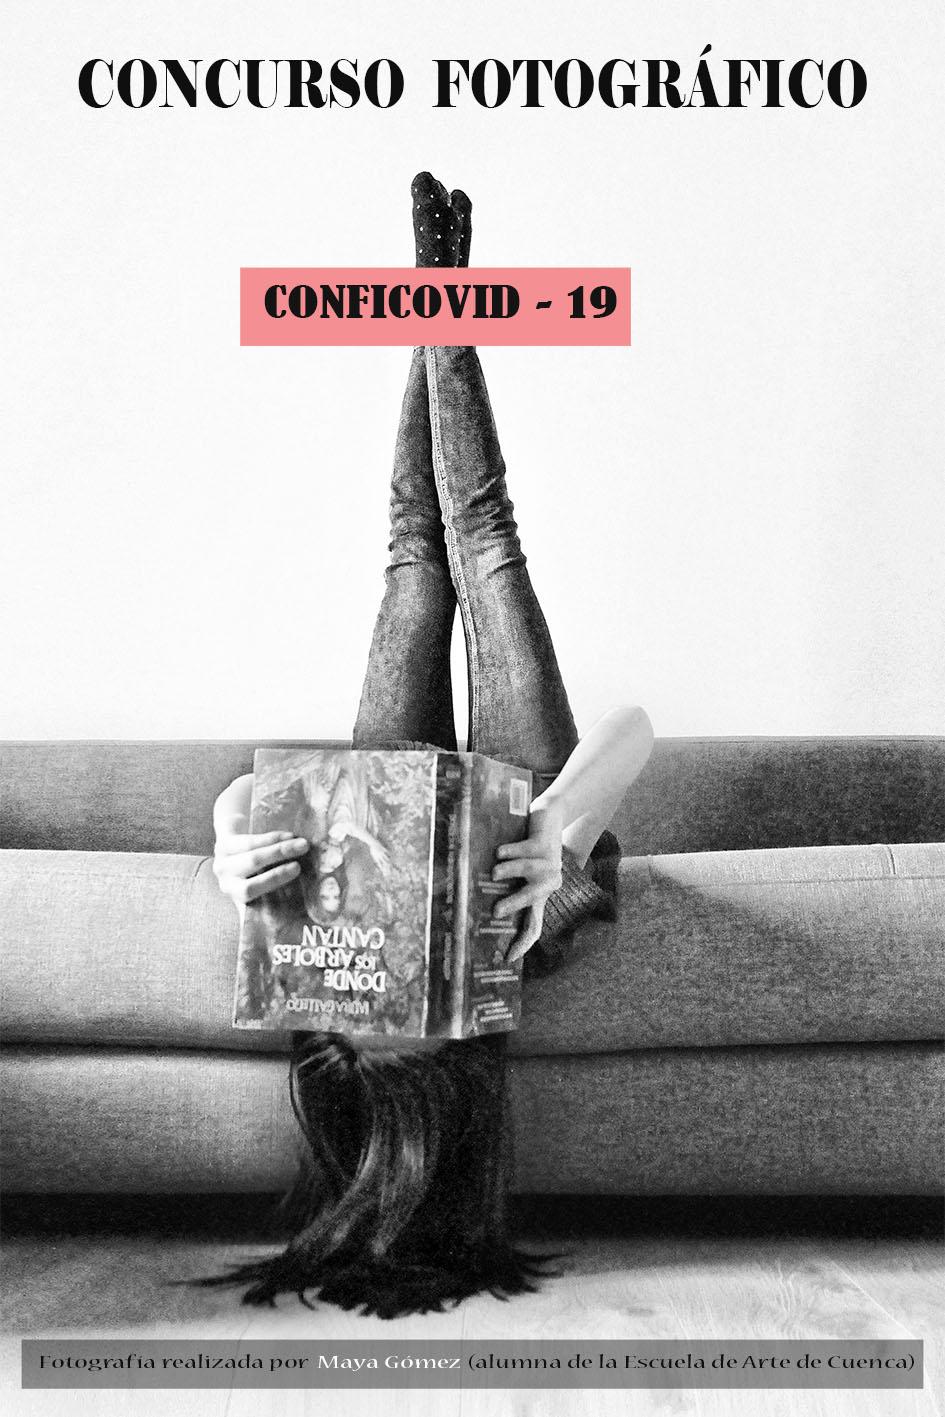 Concurso de fotografía en Instagram CONFICOVID_19